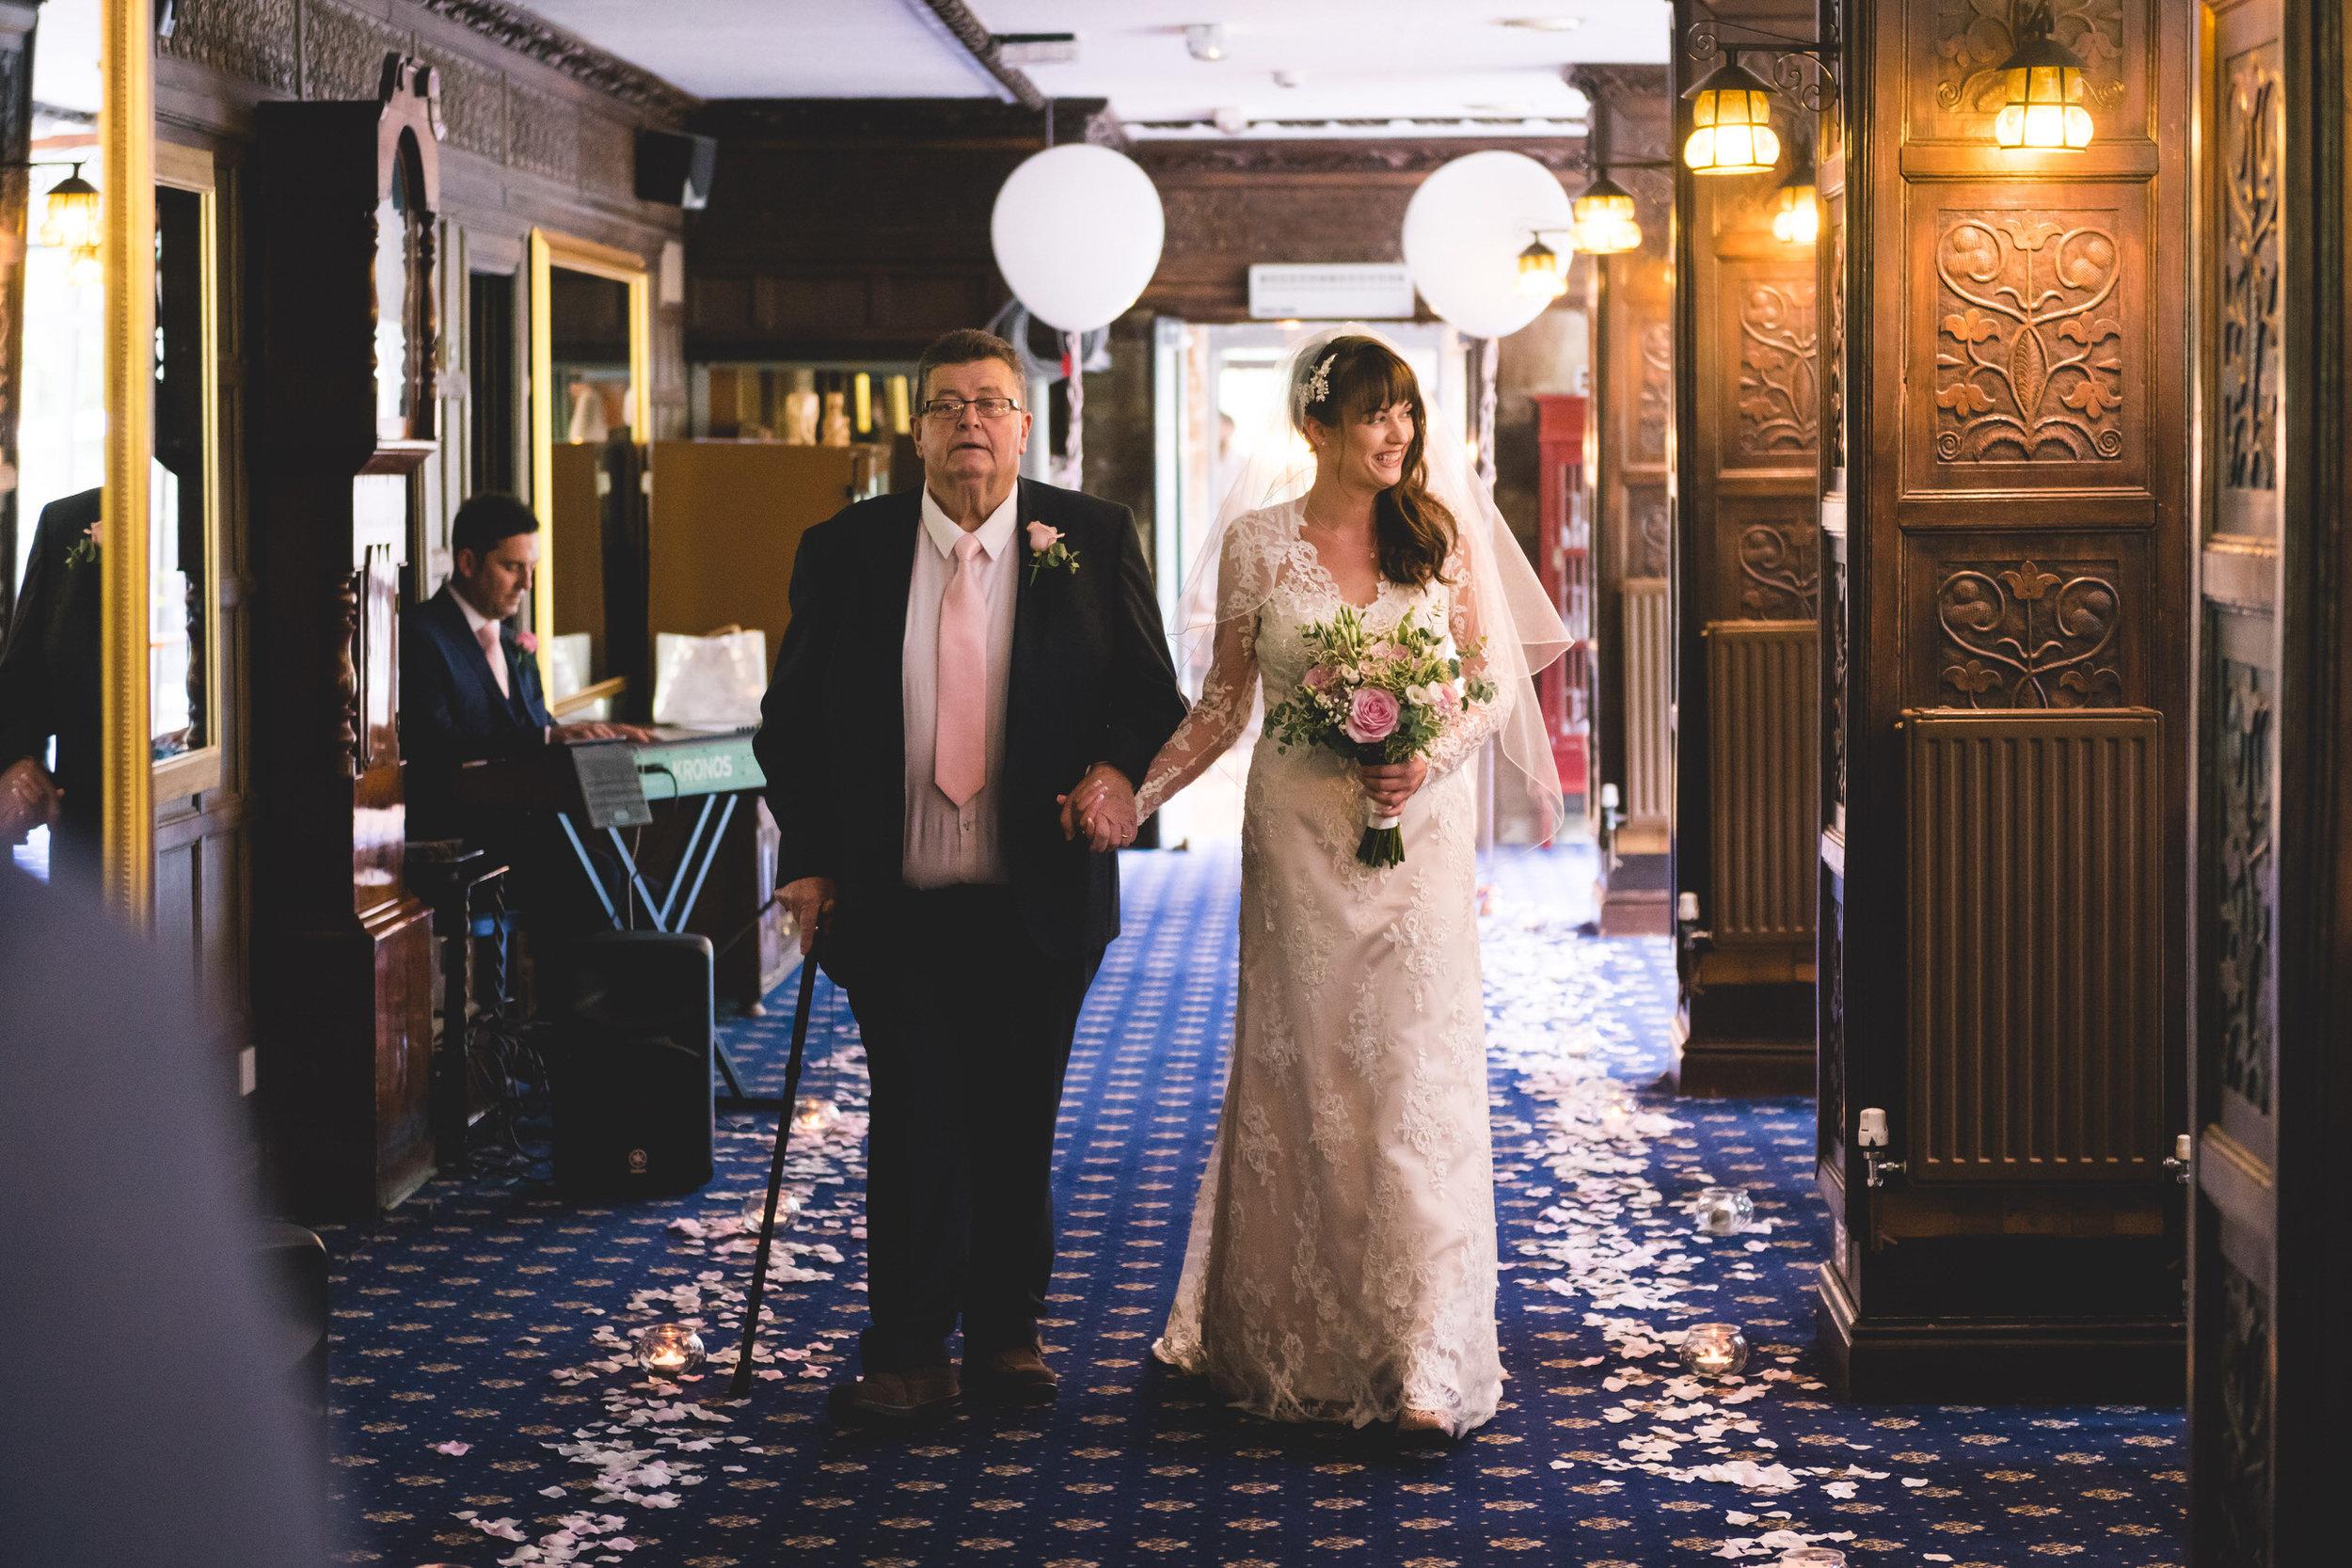 chainbridge-wedding-leeds-wedding-photographer-18.jpg